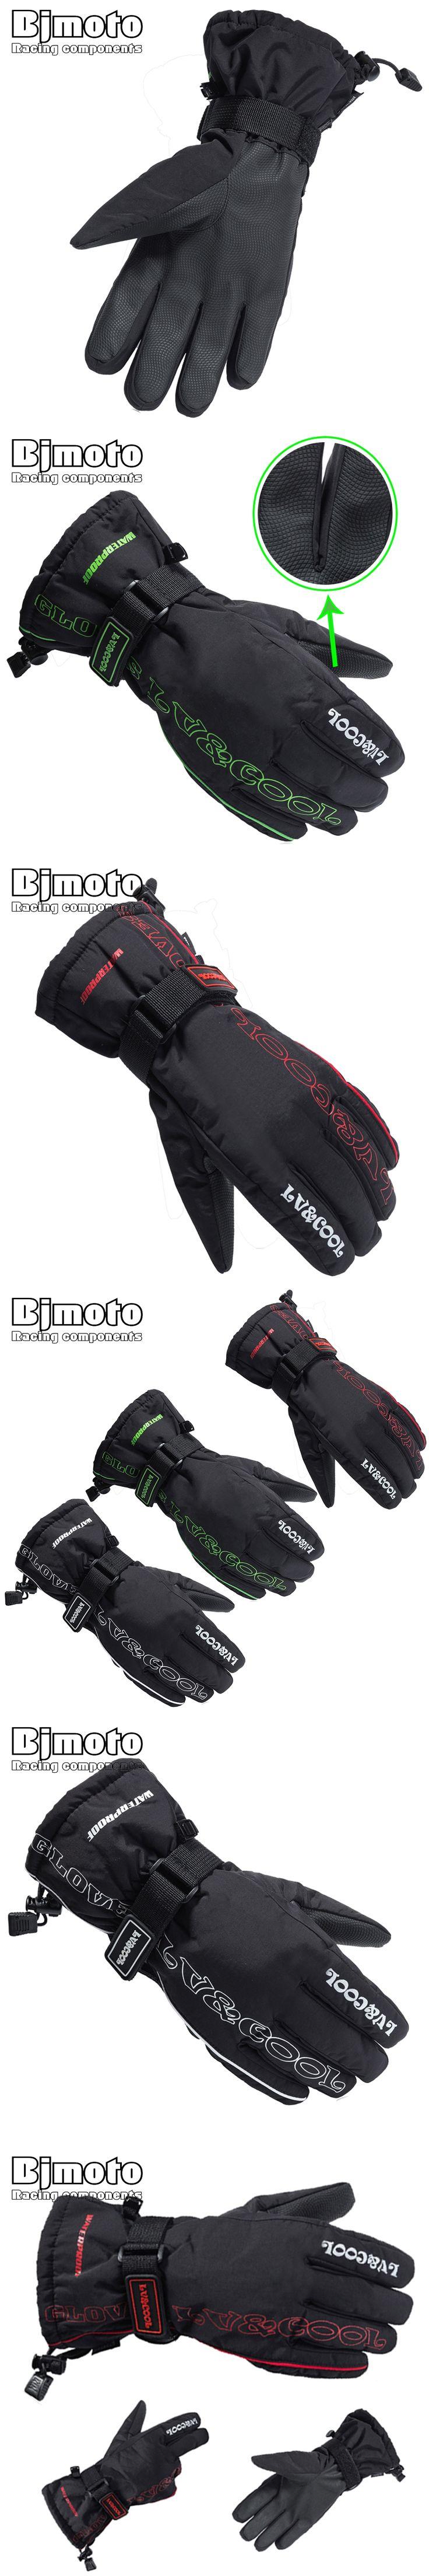 GLO-001 Motorcycle Gloves Winter Warm Waterproof Windproof Protective Gloves 100% Waterproof  Moto Luvas Alpine Motocross Stars